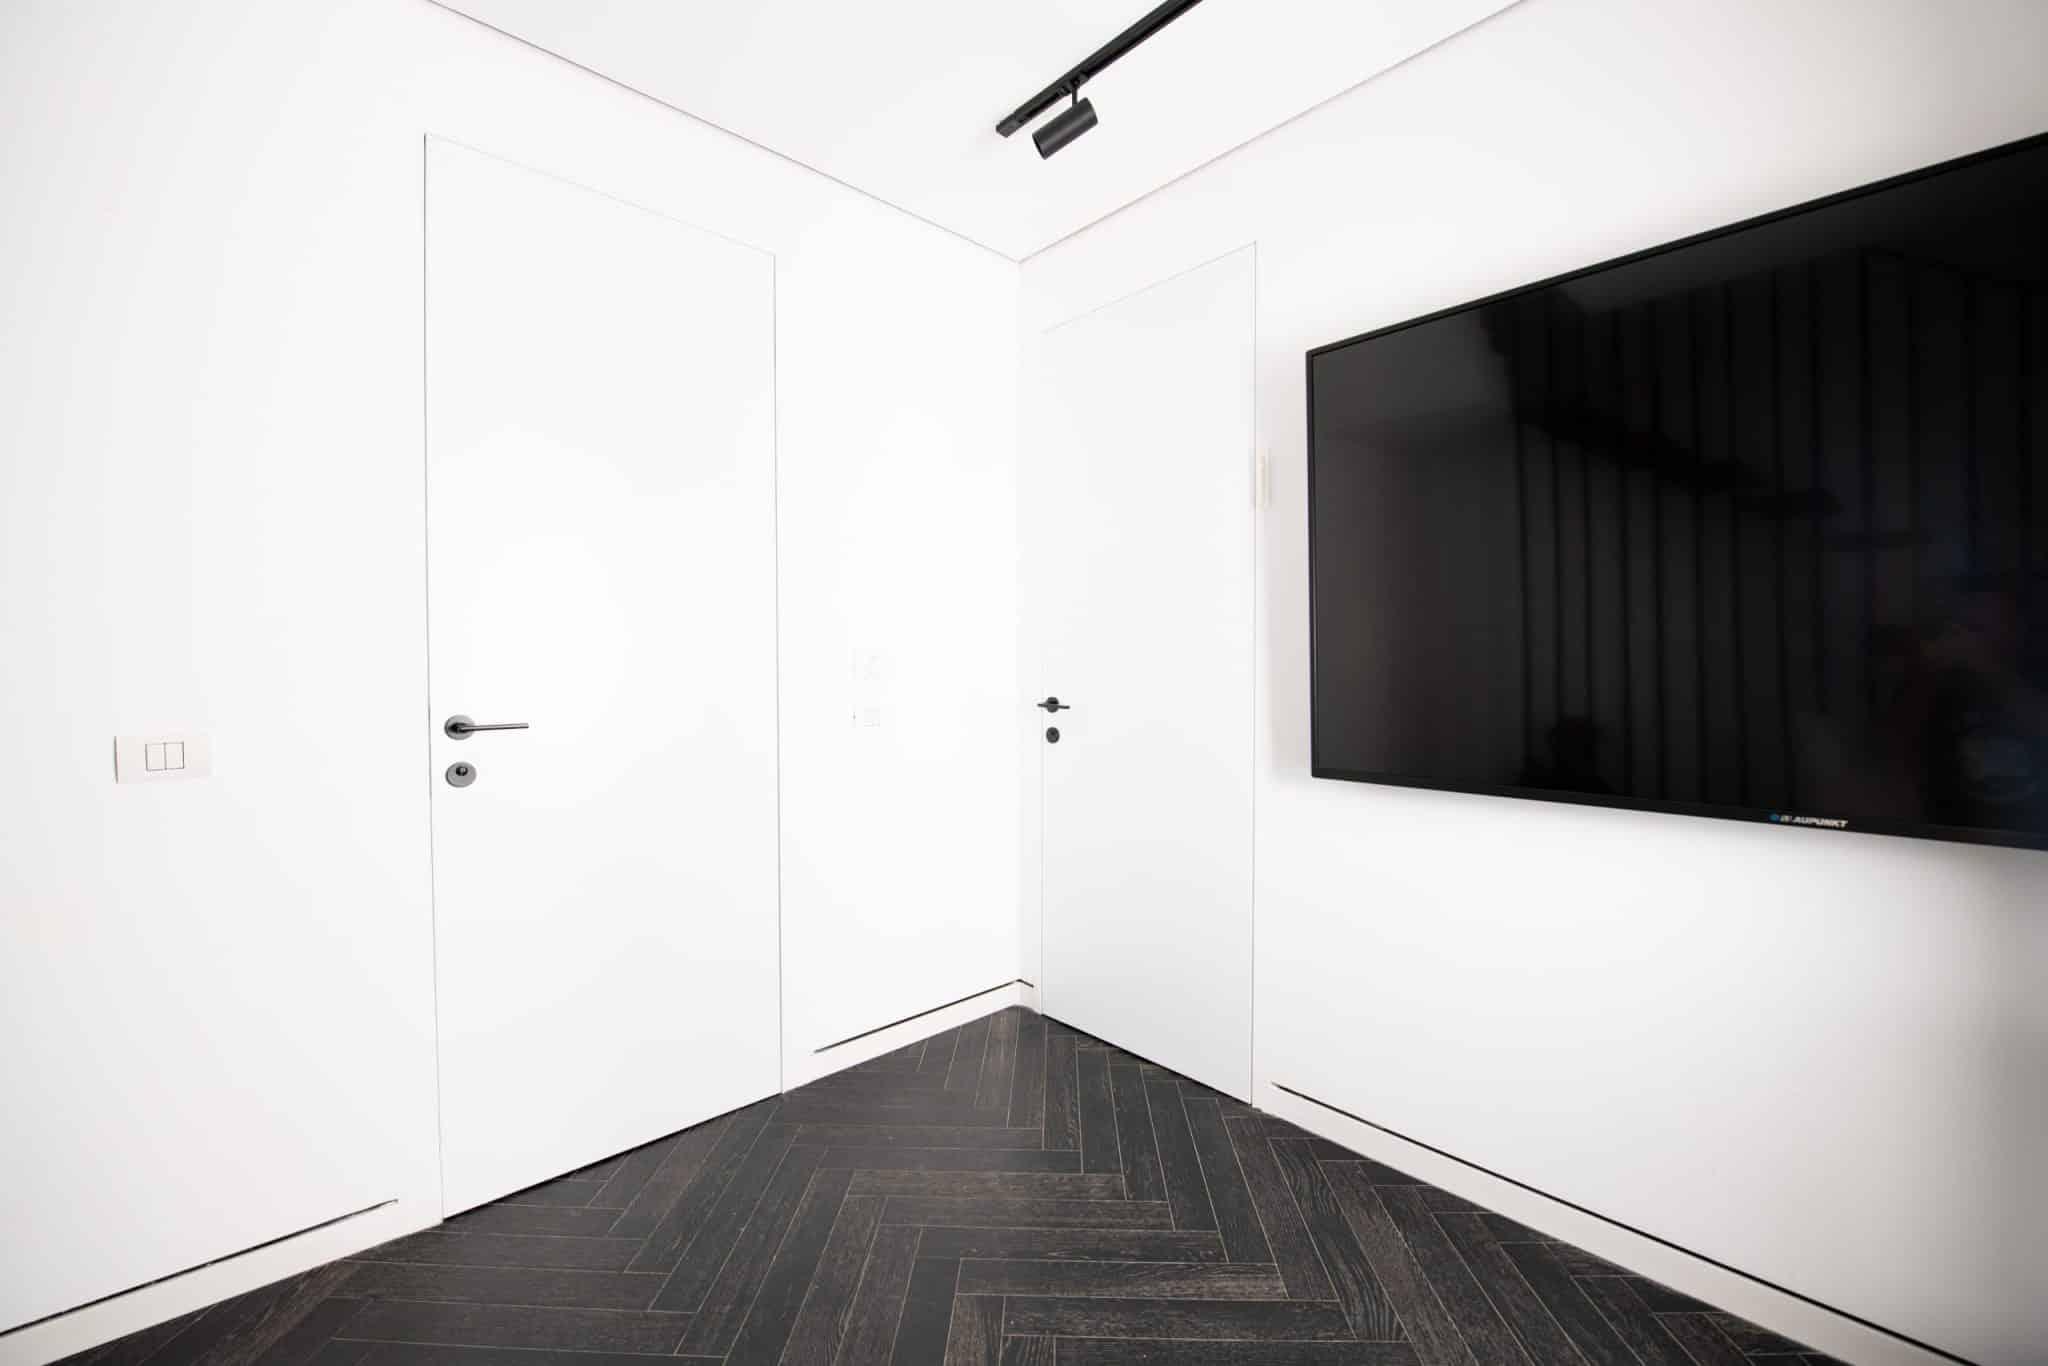 2021-07-15 דלתות קו 0 בוזגלו שריונית 050